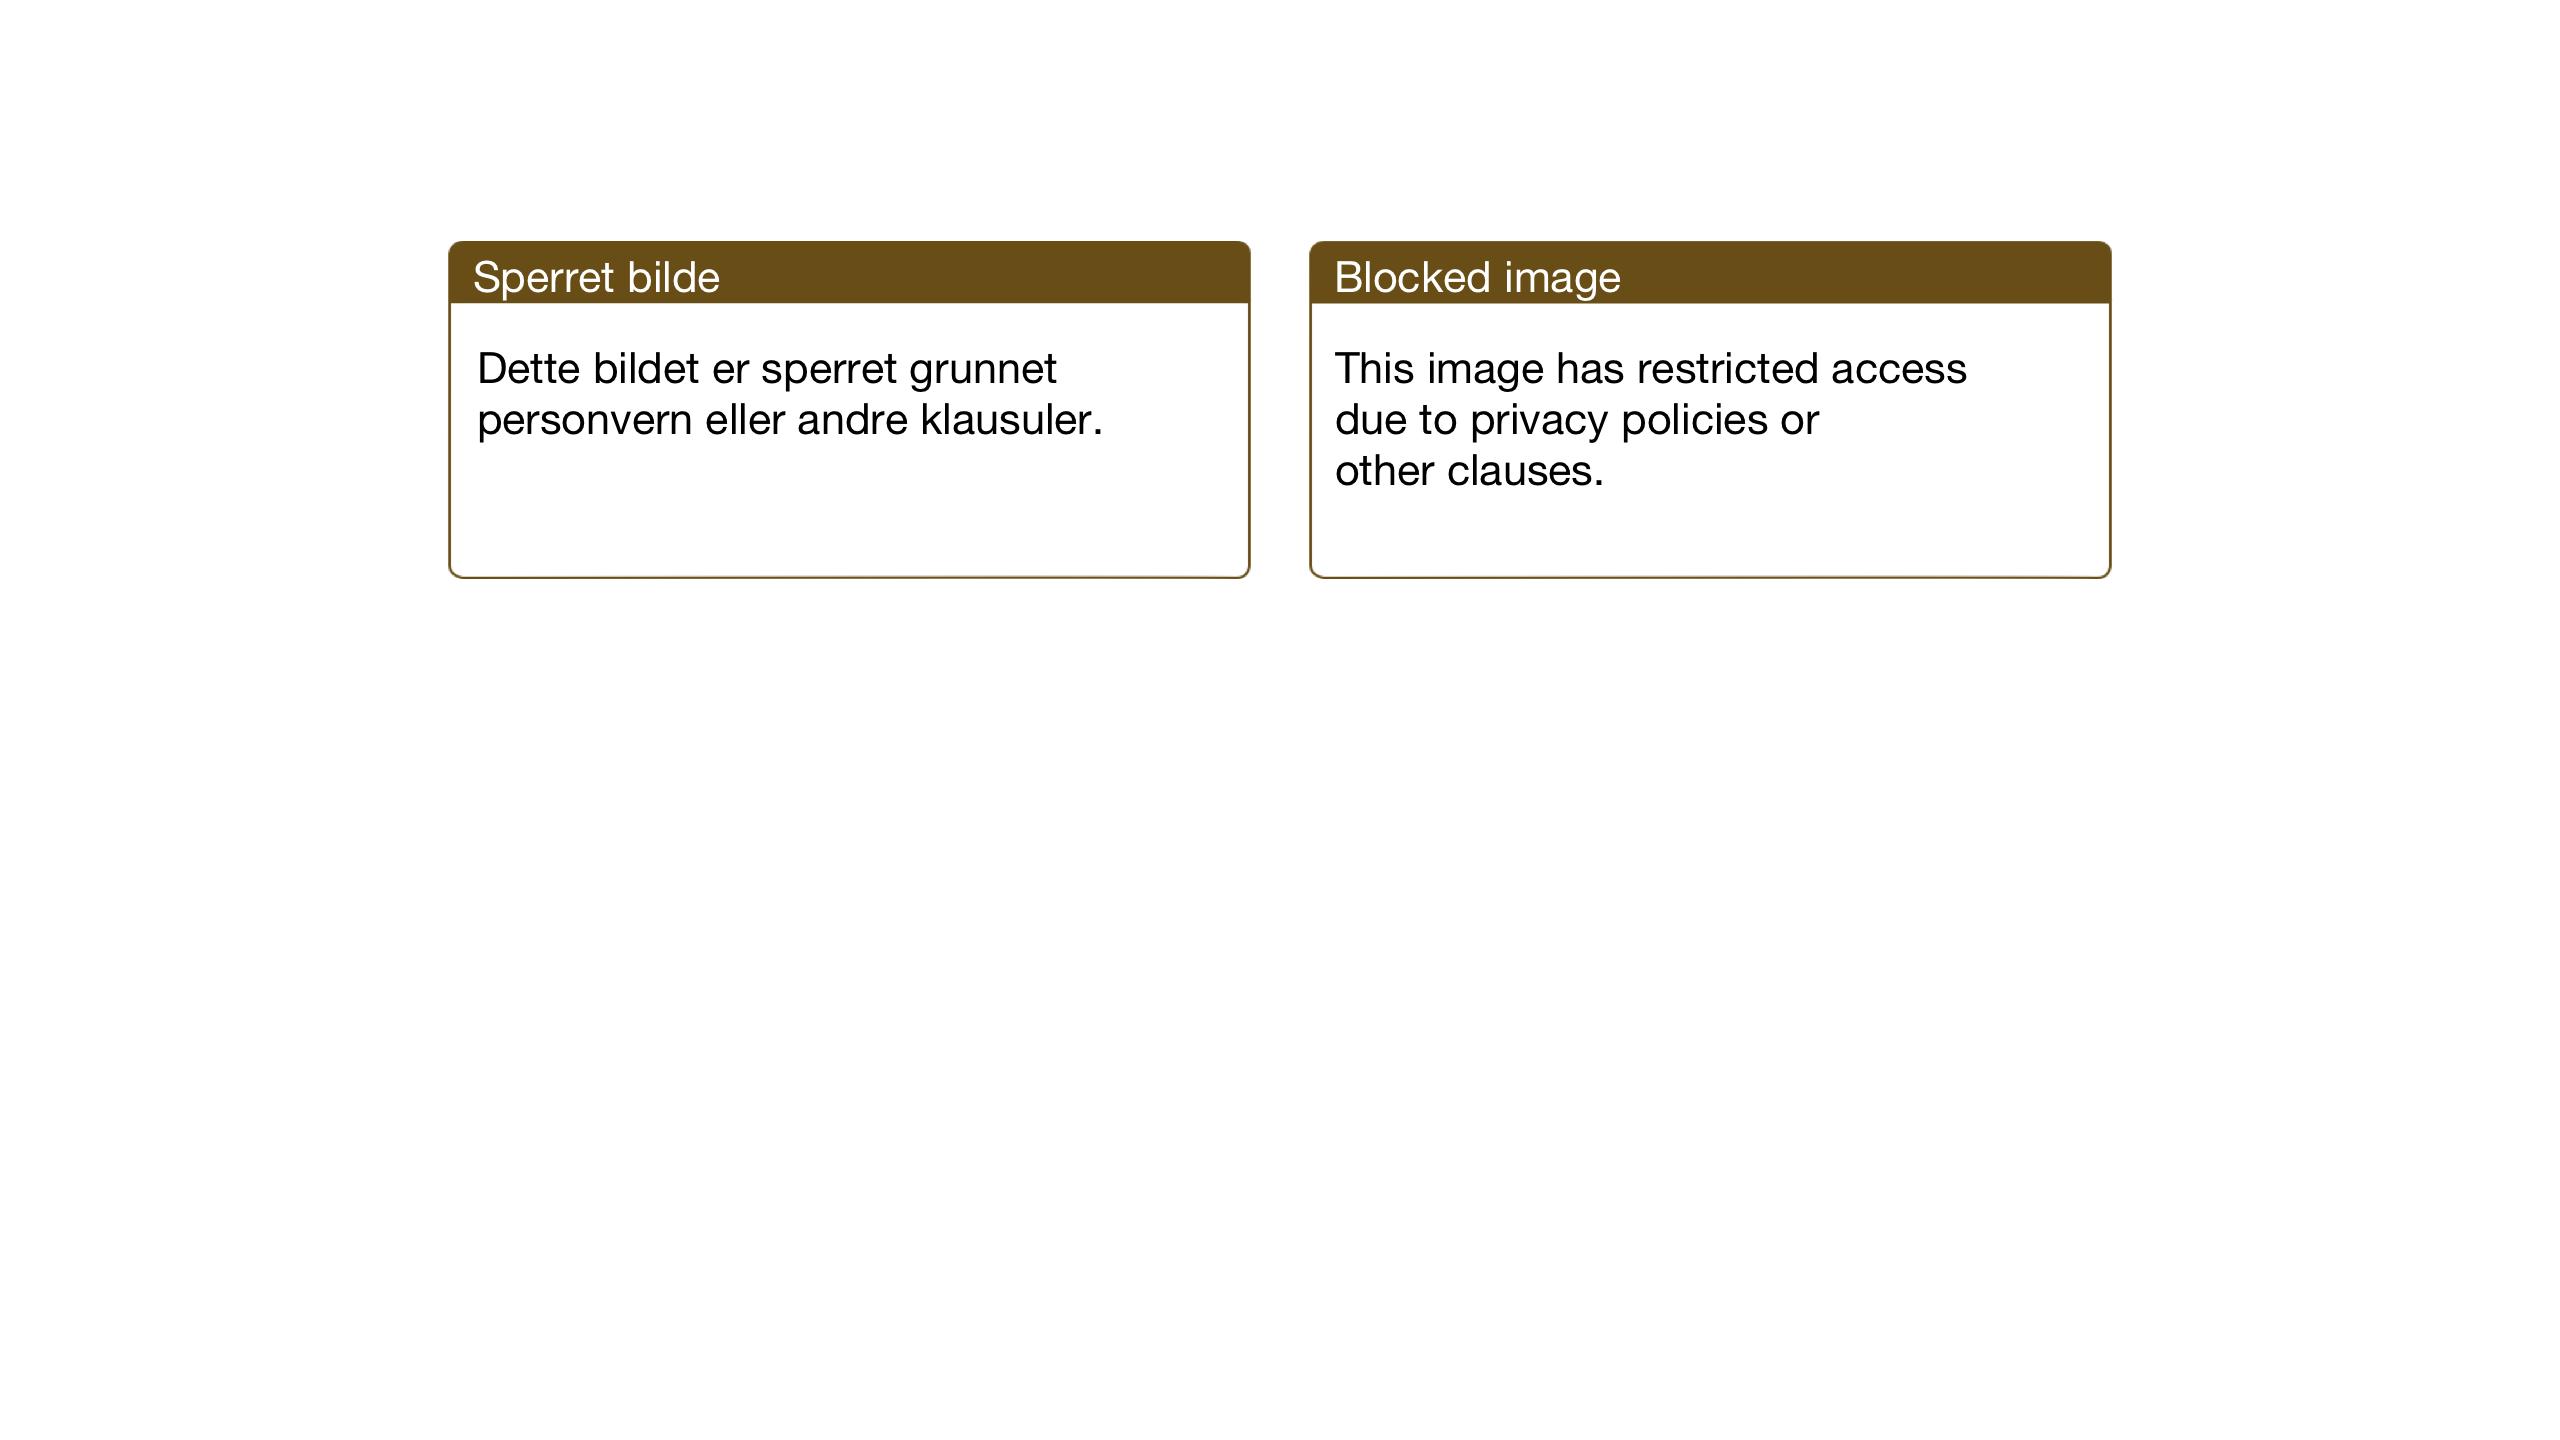 SAT, Ministerialprotokoller, klokkerbøker og fødselsregistre - Sør-Trøndelag, 681/L0944: Klokkerbok nr. 681C08, 1926-1954, s. 45